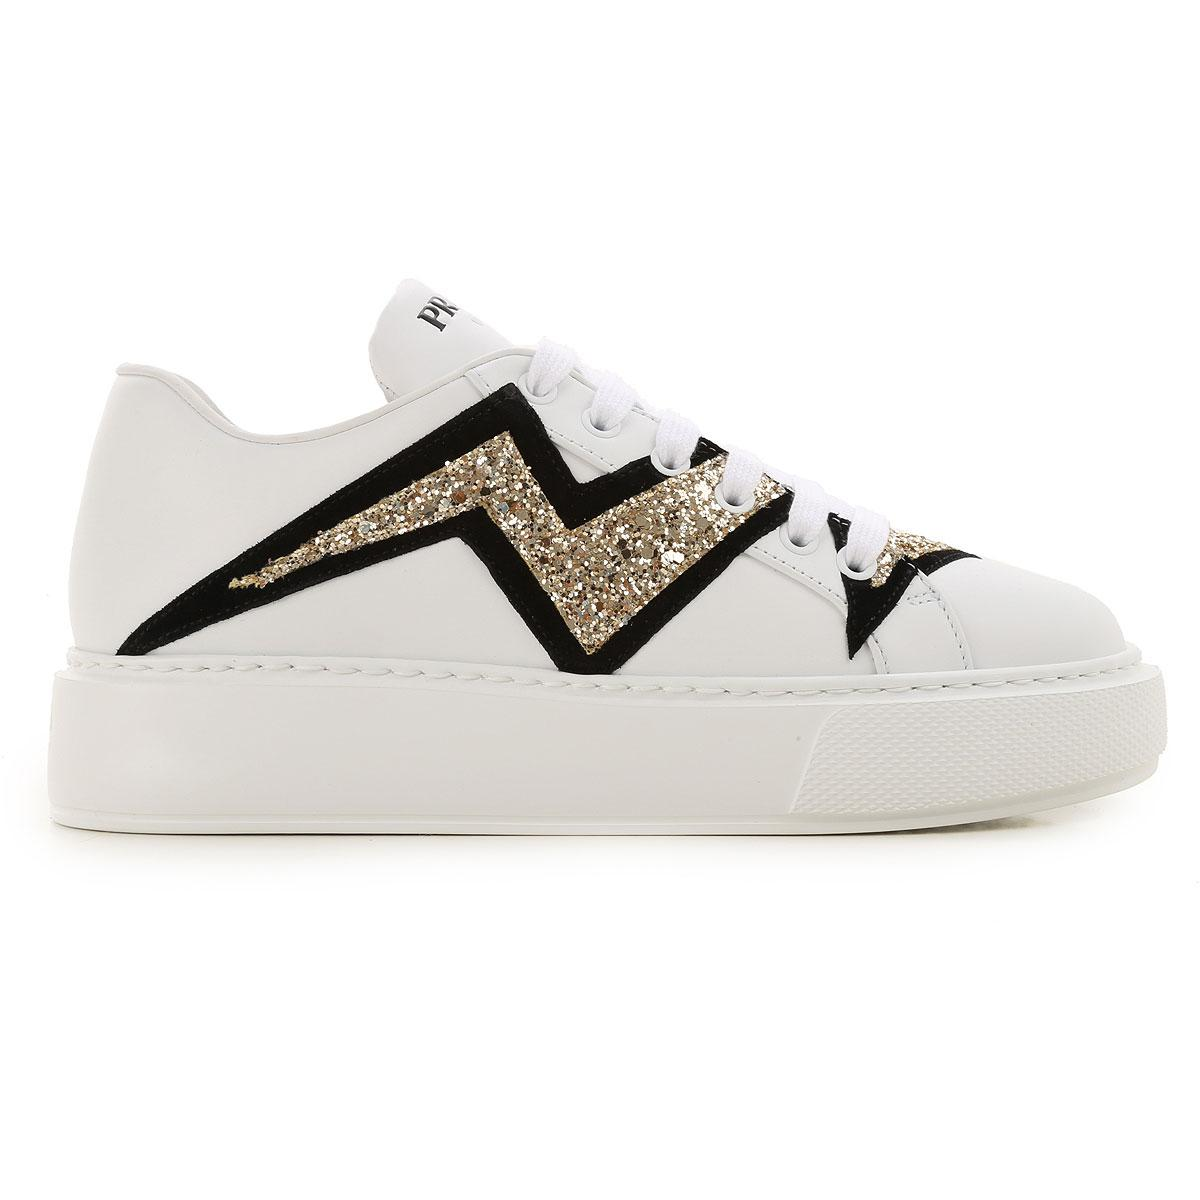 Zapatillas Deportivas de Mujer Prada de Encaje de color Blanco